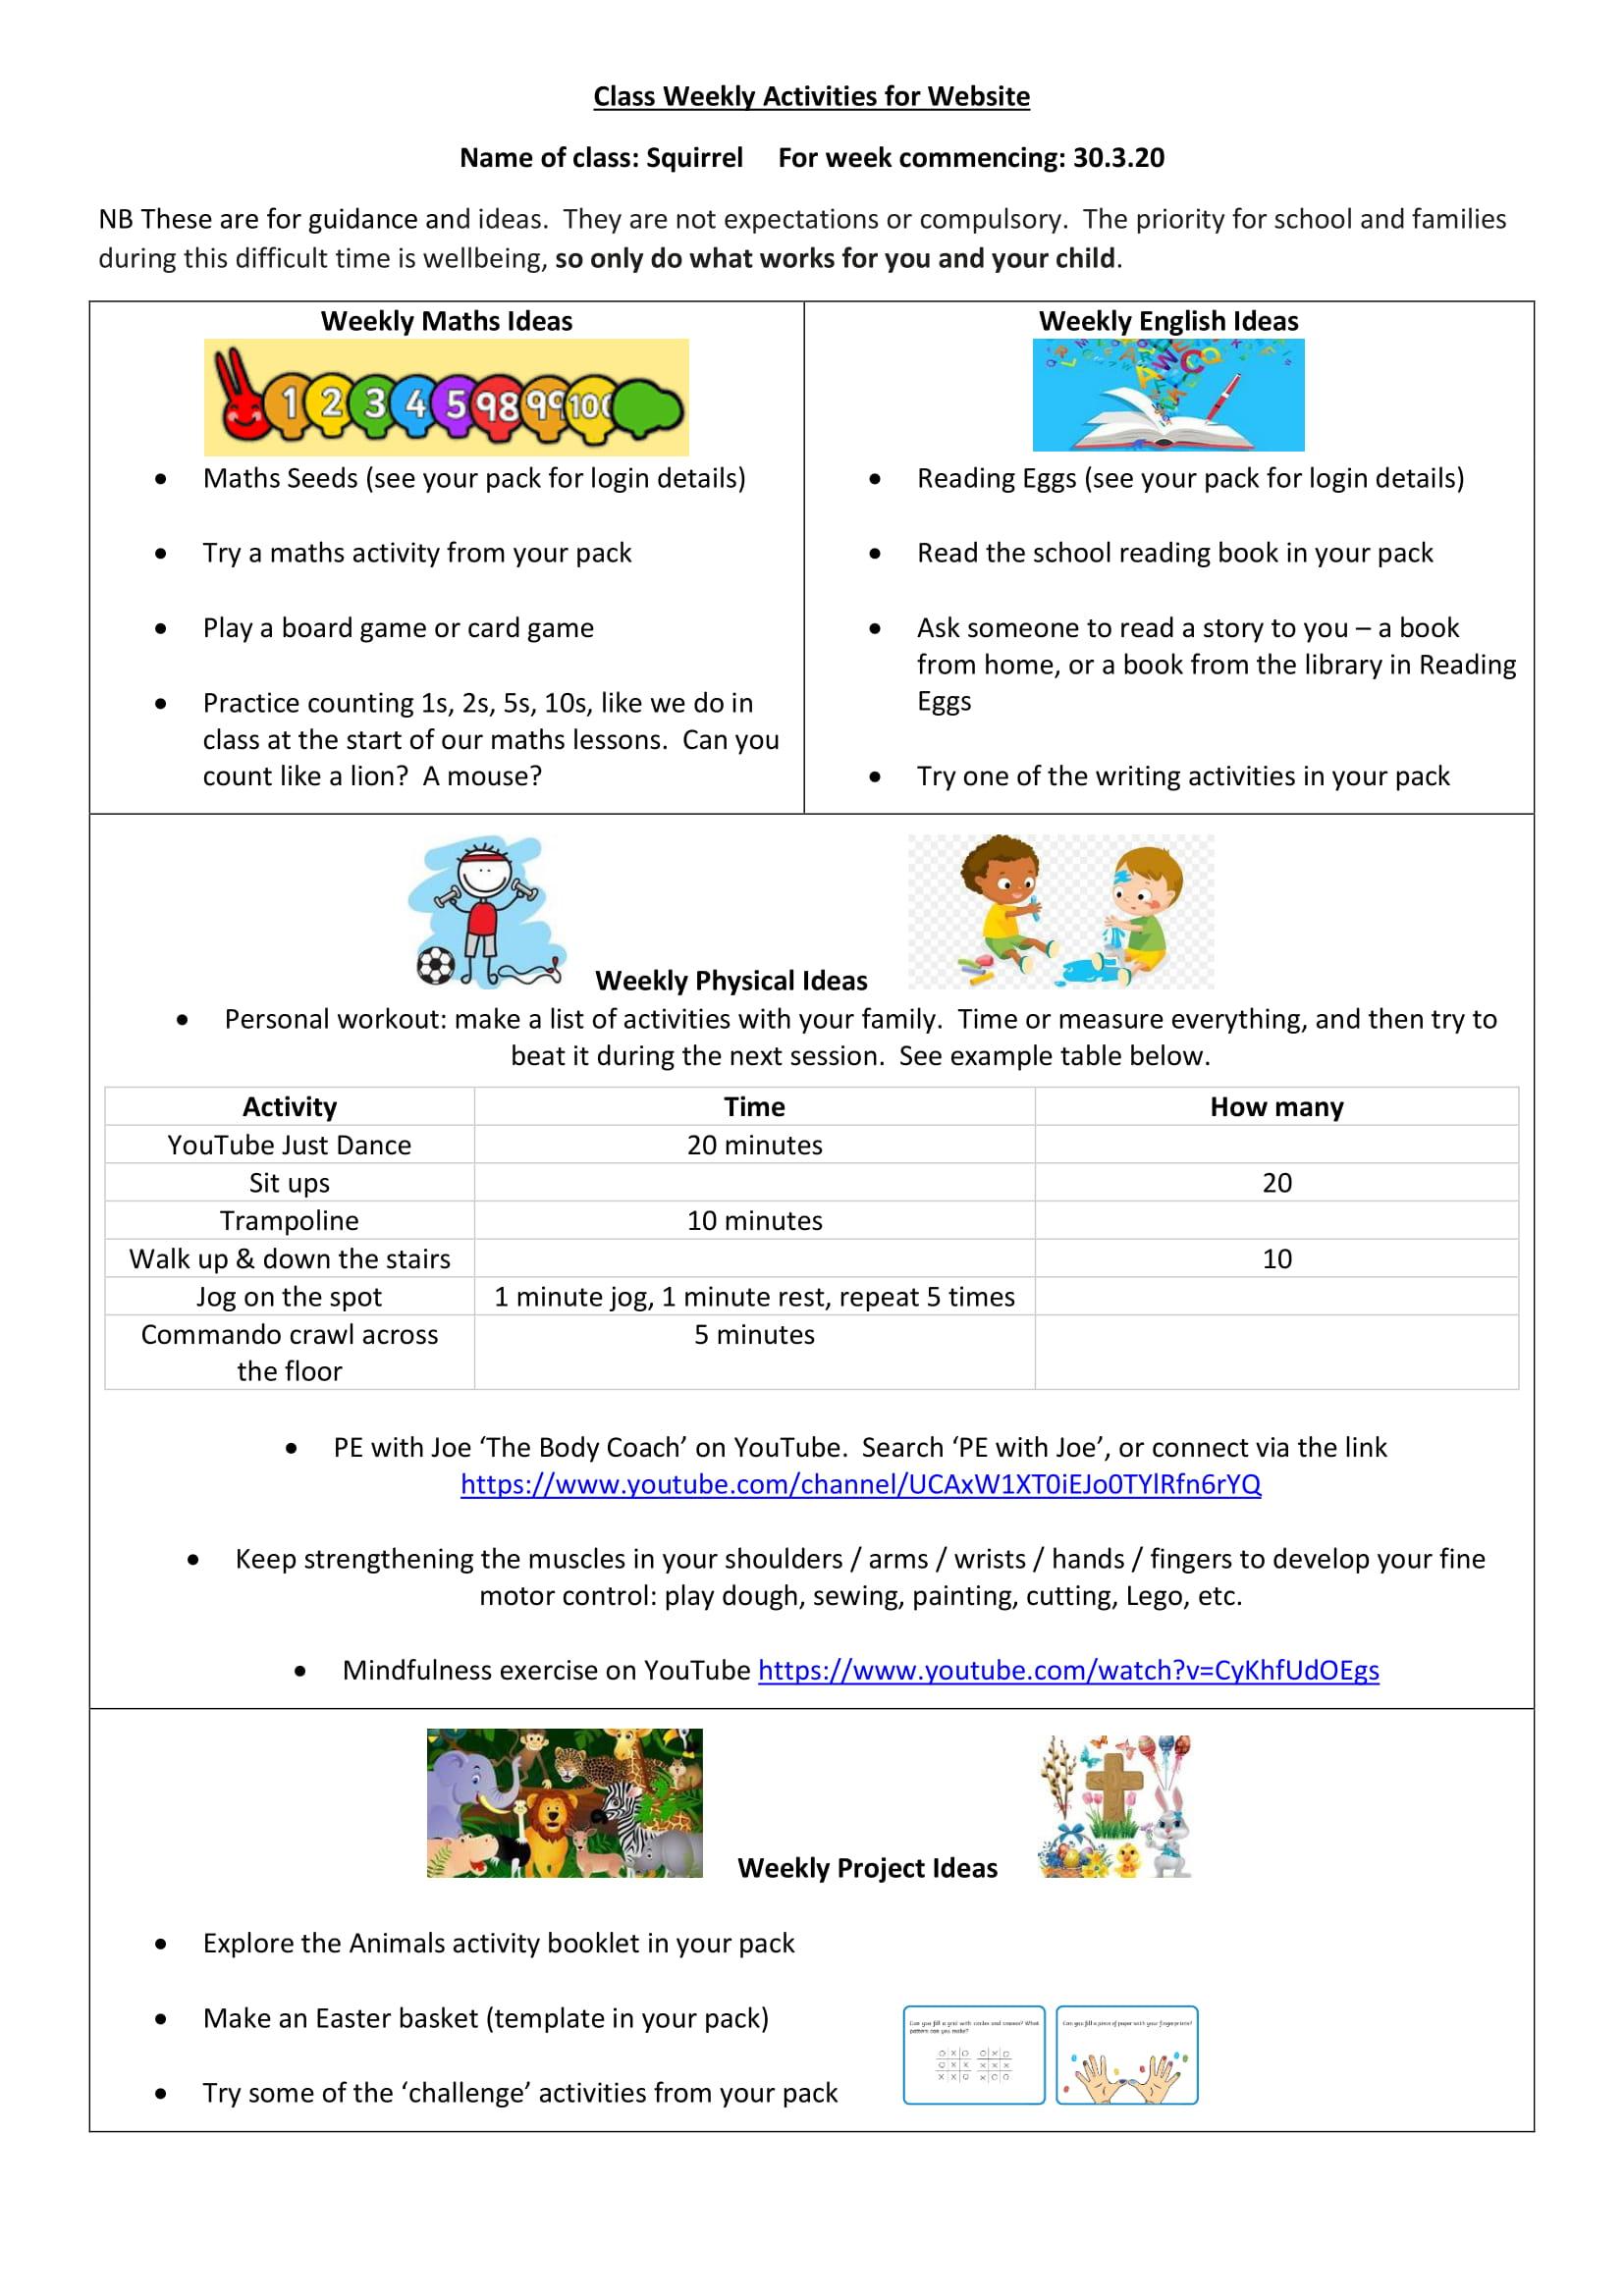 Squirrel Class Worksheet Week 1-1